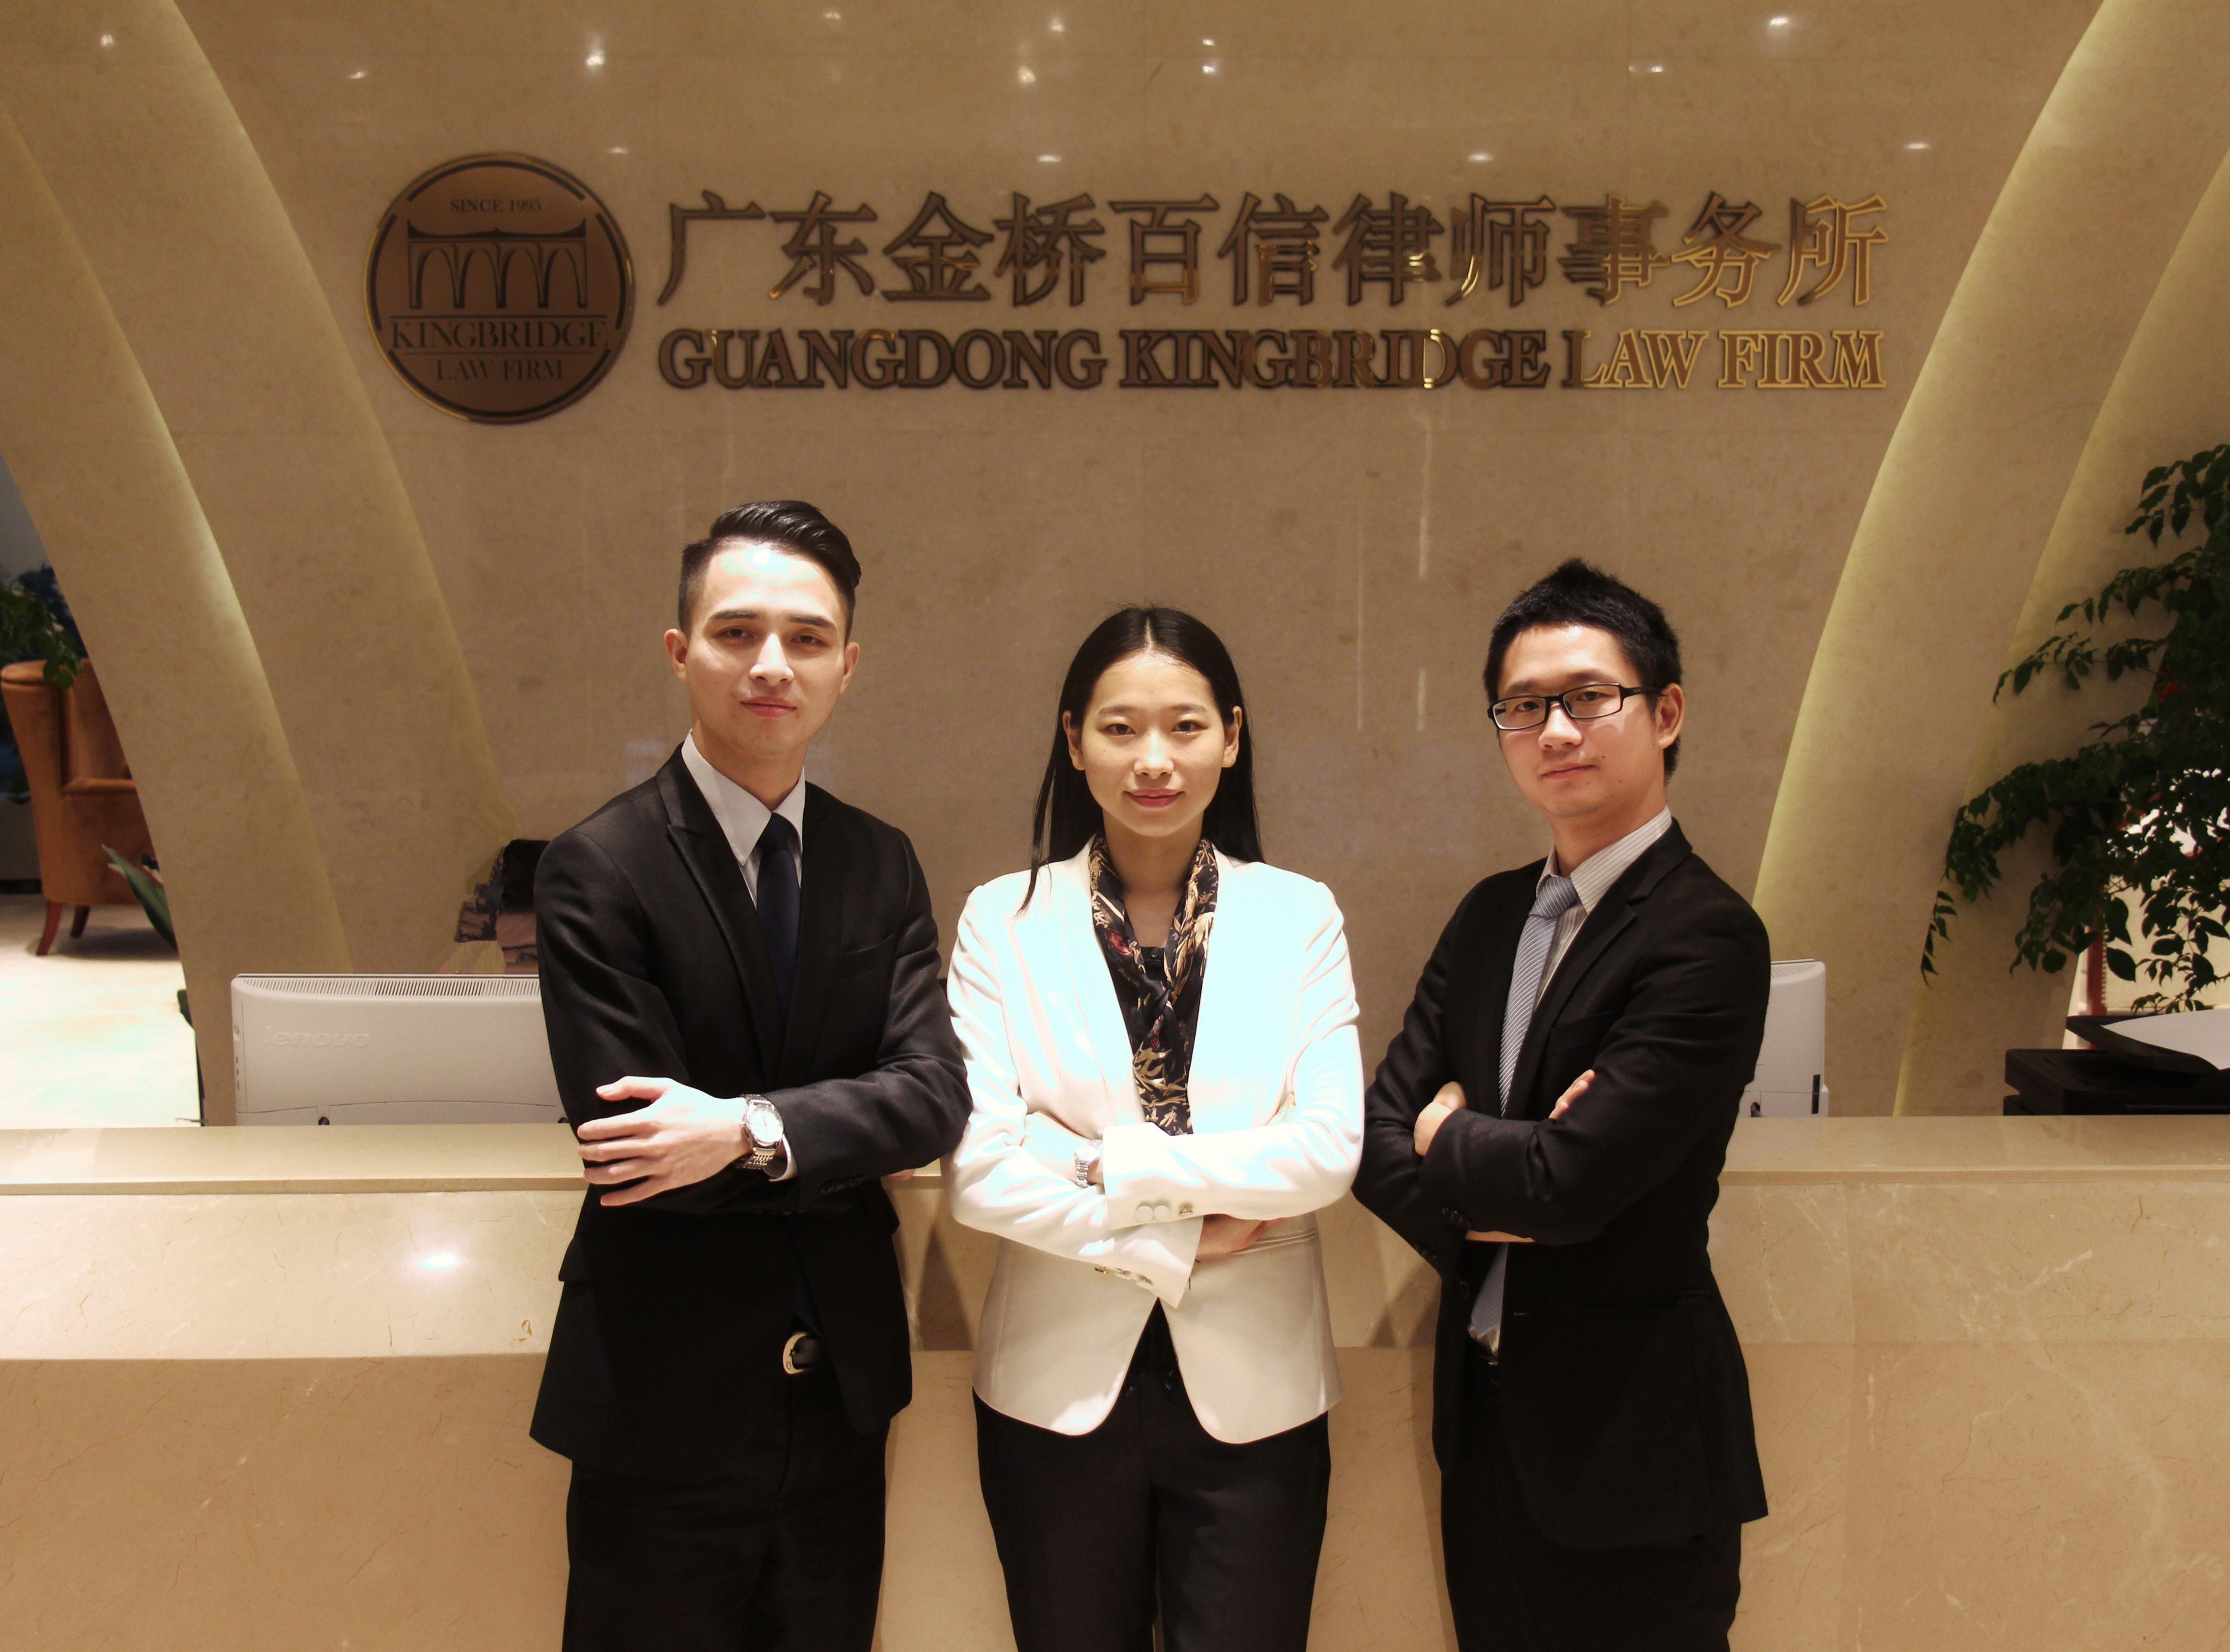 广州公司事务律师|广州婚姻家庭律师|广州合同纠纷律师|广州知识产权律师|广州刑事辩护律师|广州明法尚智律师团队